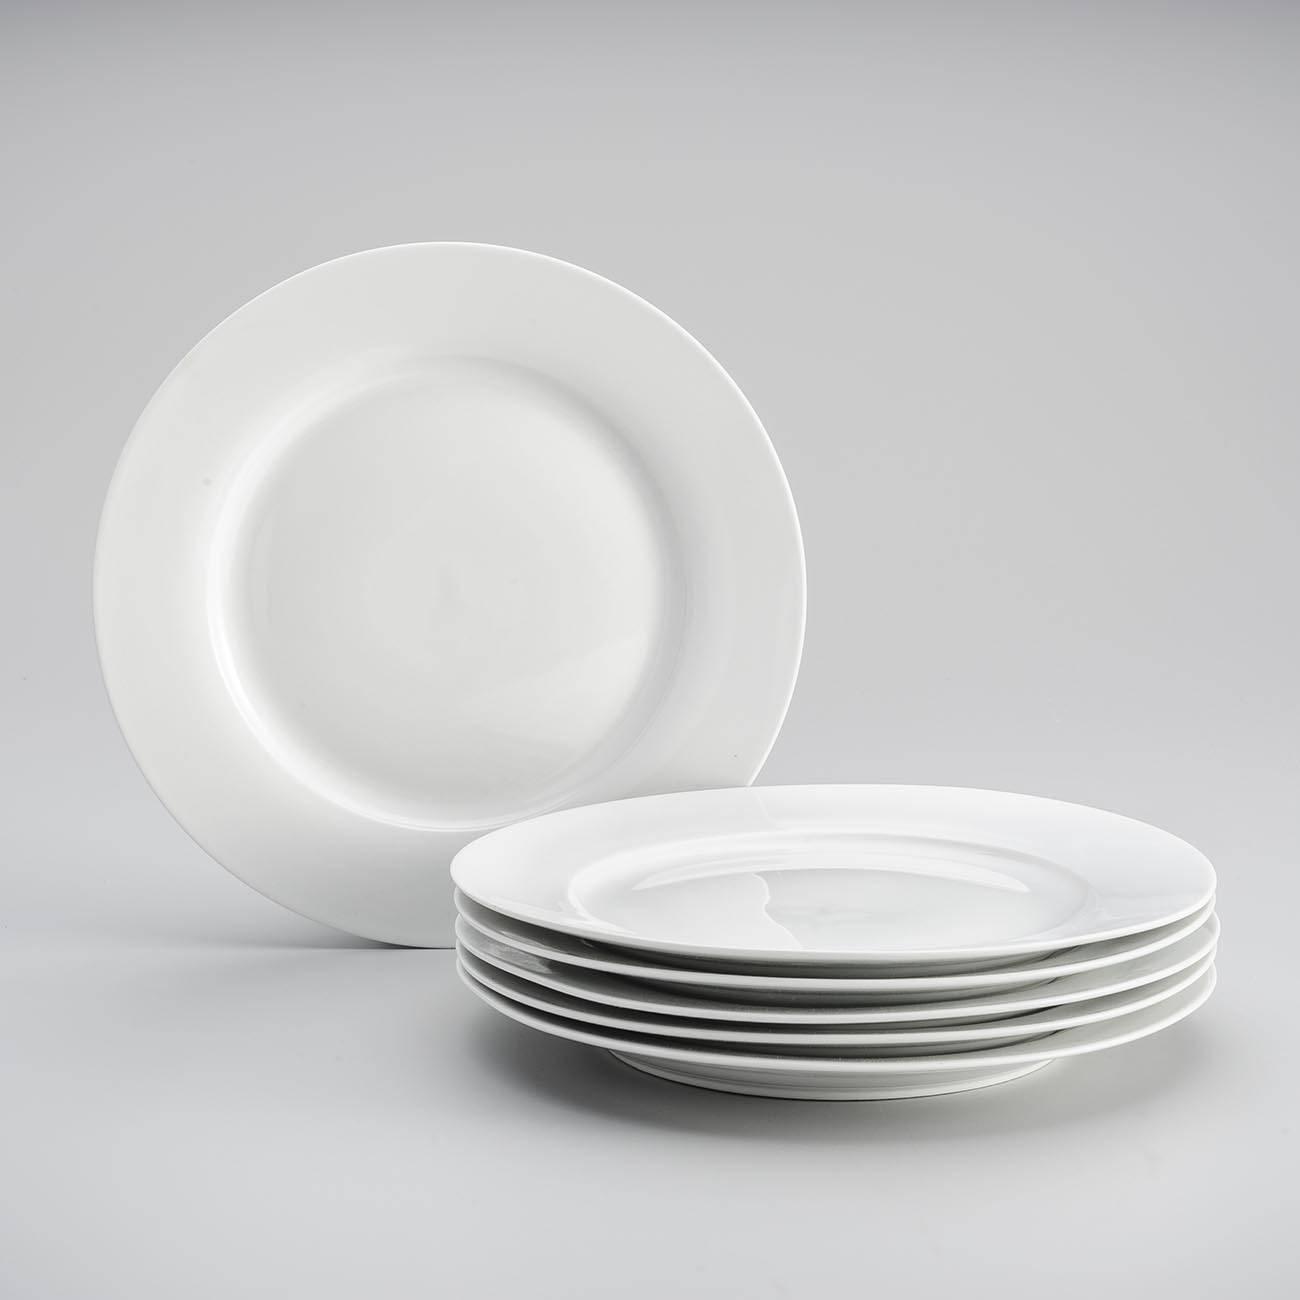 Conjunto 6 Pratos de Jantar Brancos em Porcelana - Wolff